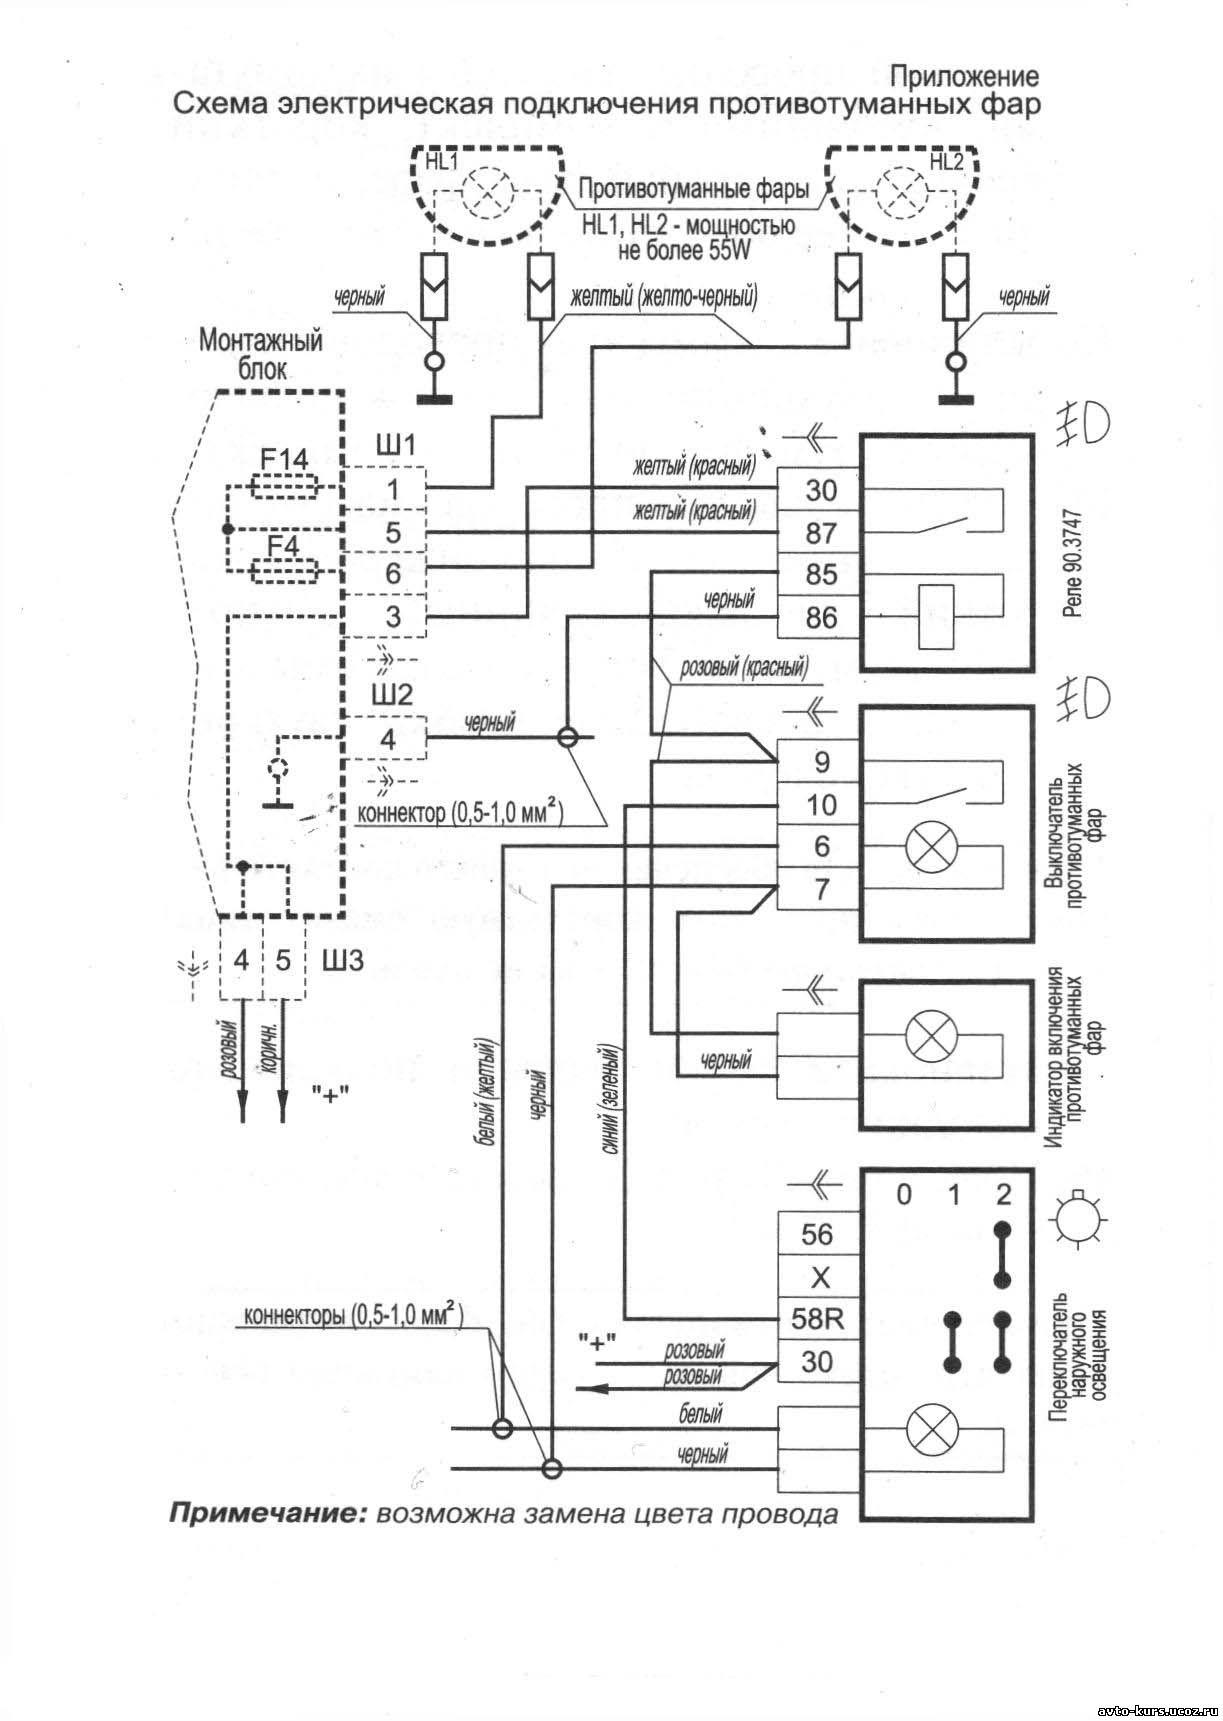 Как подключить птф через реле схема фото гранта